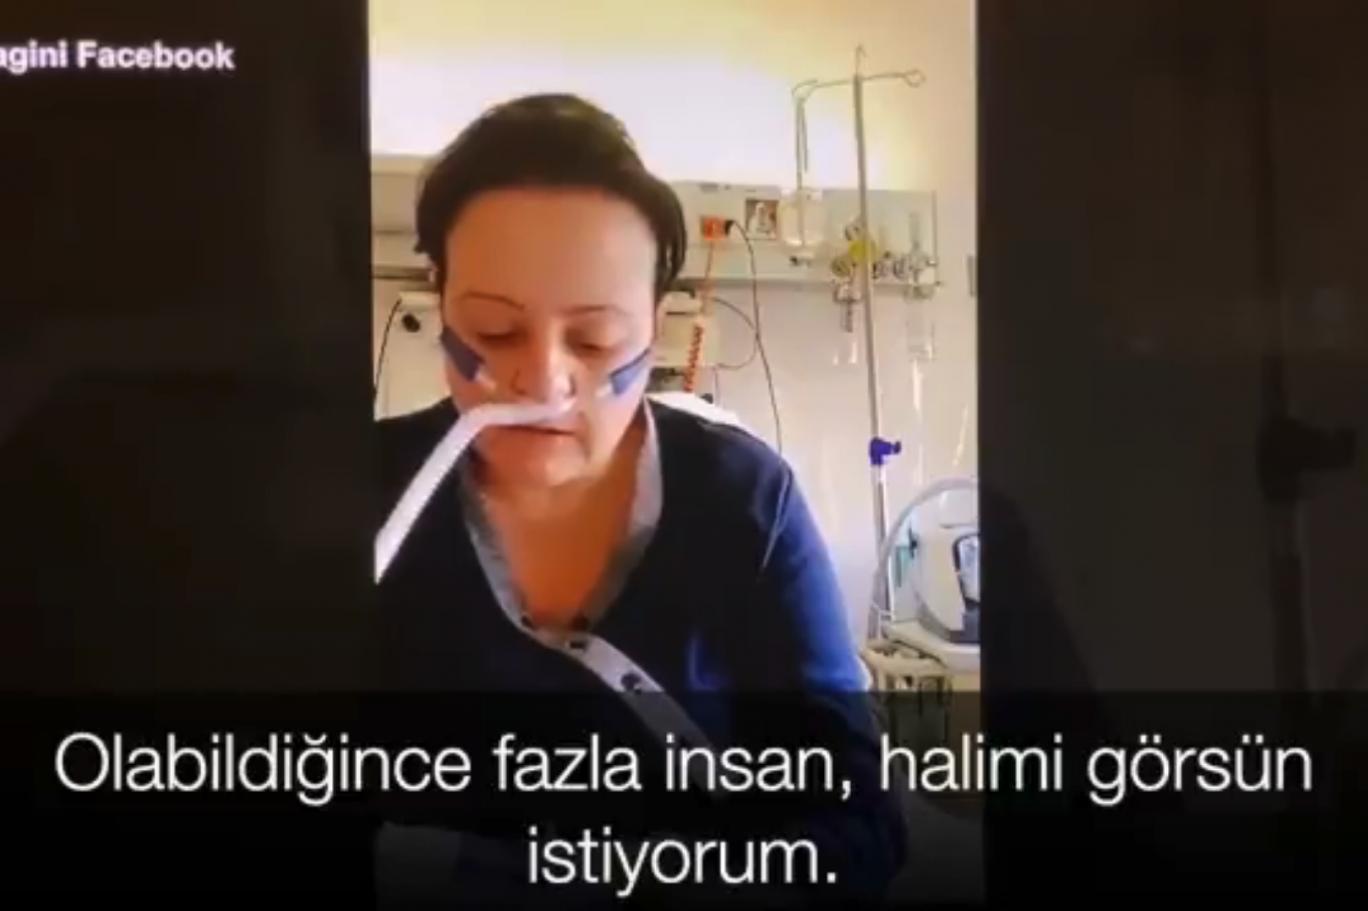 Gözlerime, bedenime iyi bakın (Video - Haber)